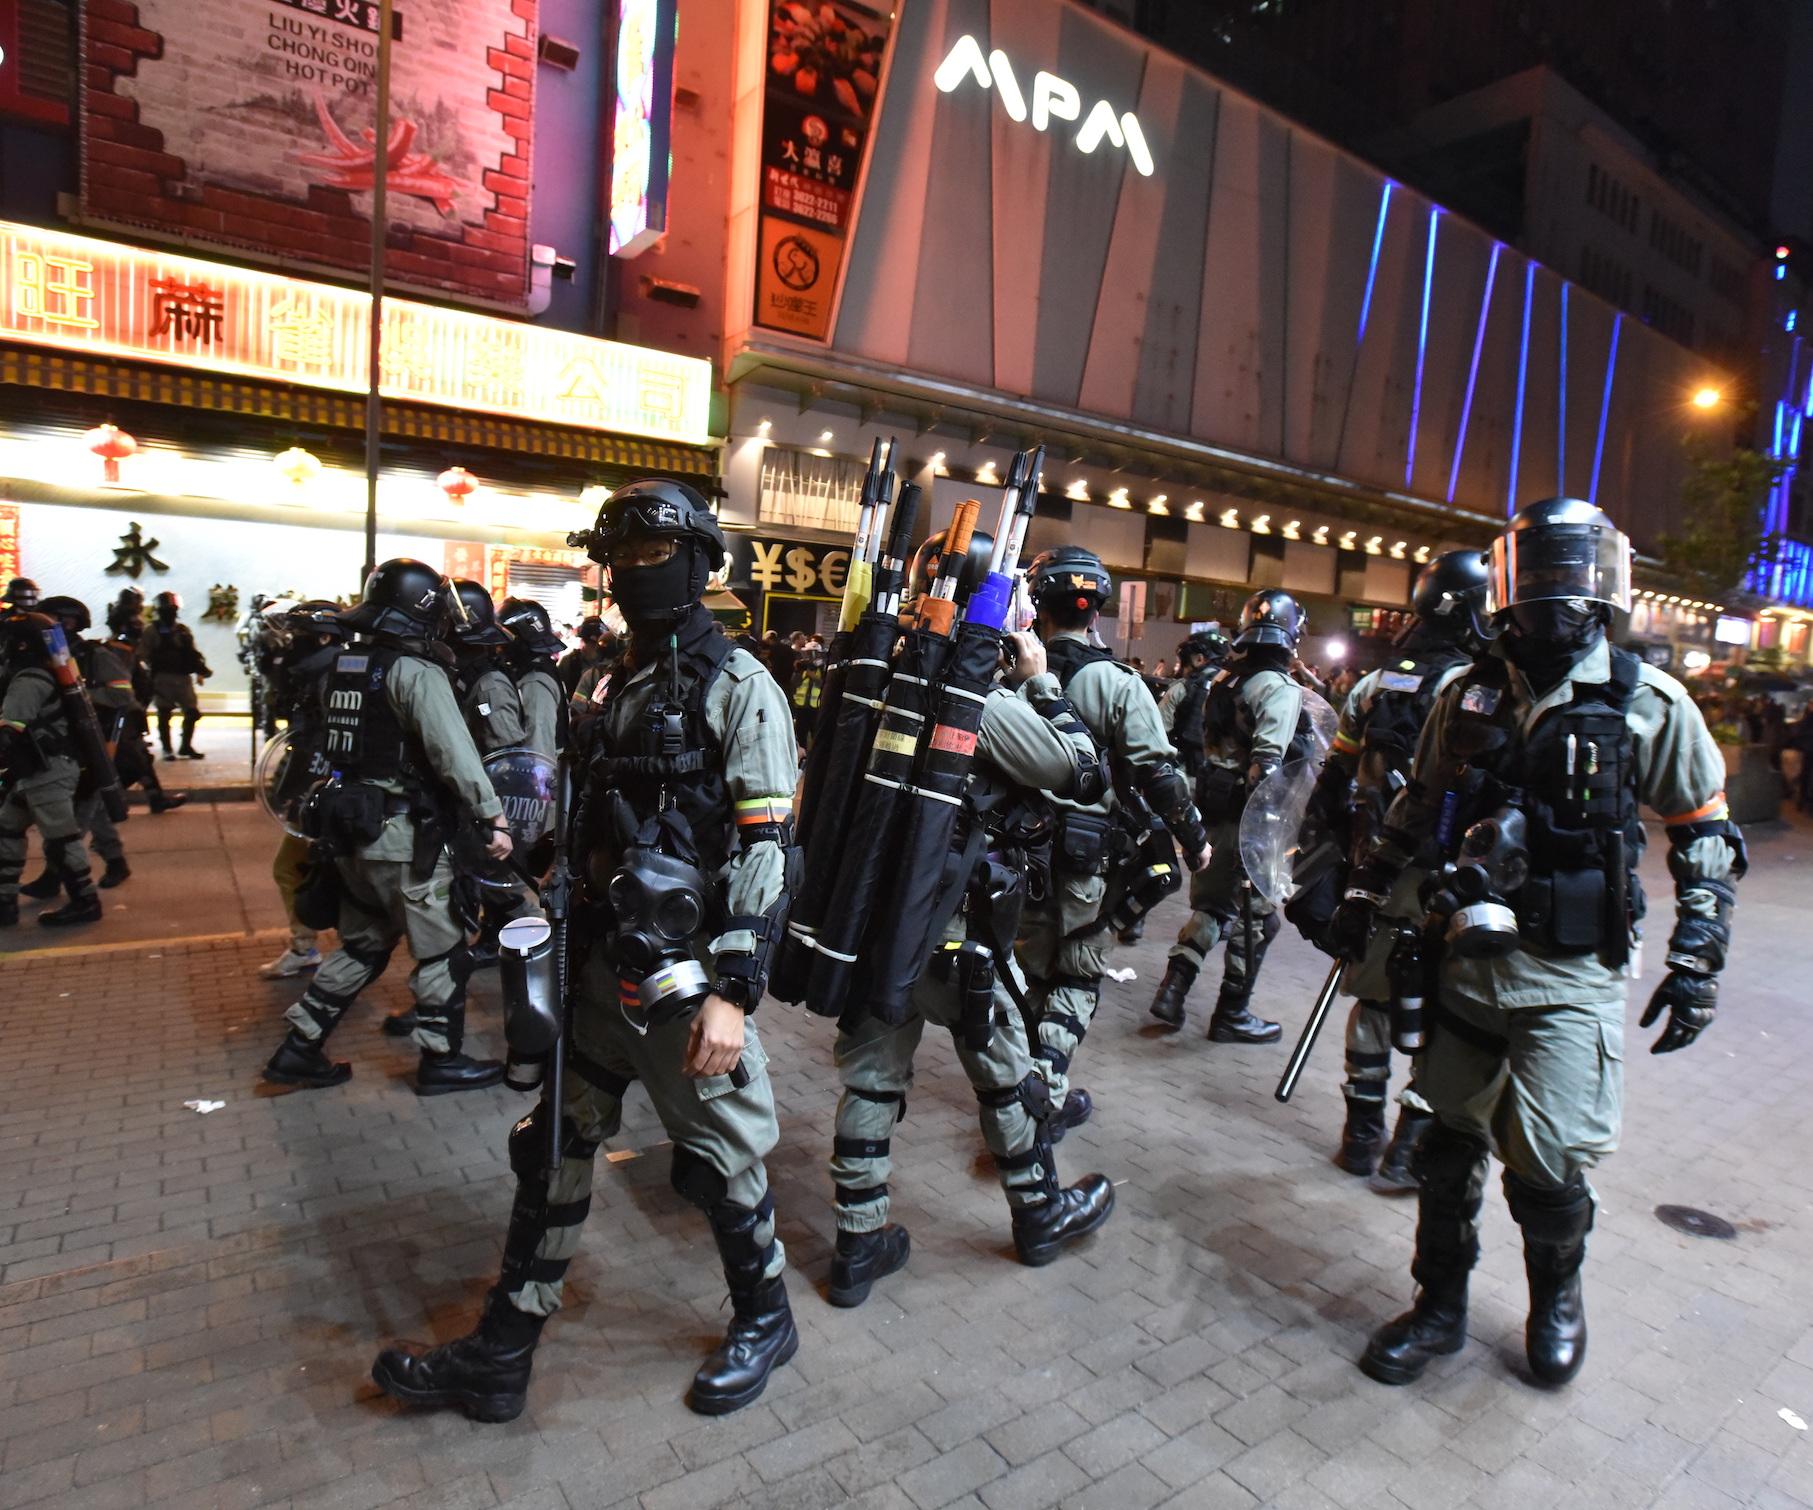 引述NBC女记者称被警非礼 记协谴责无理驱赶记者